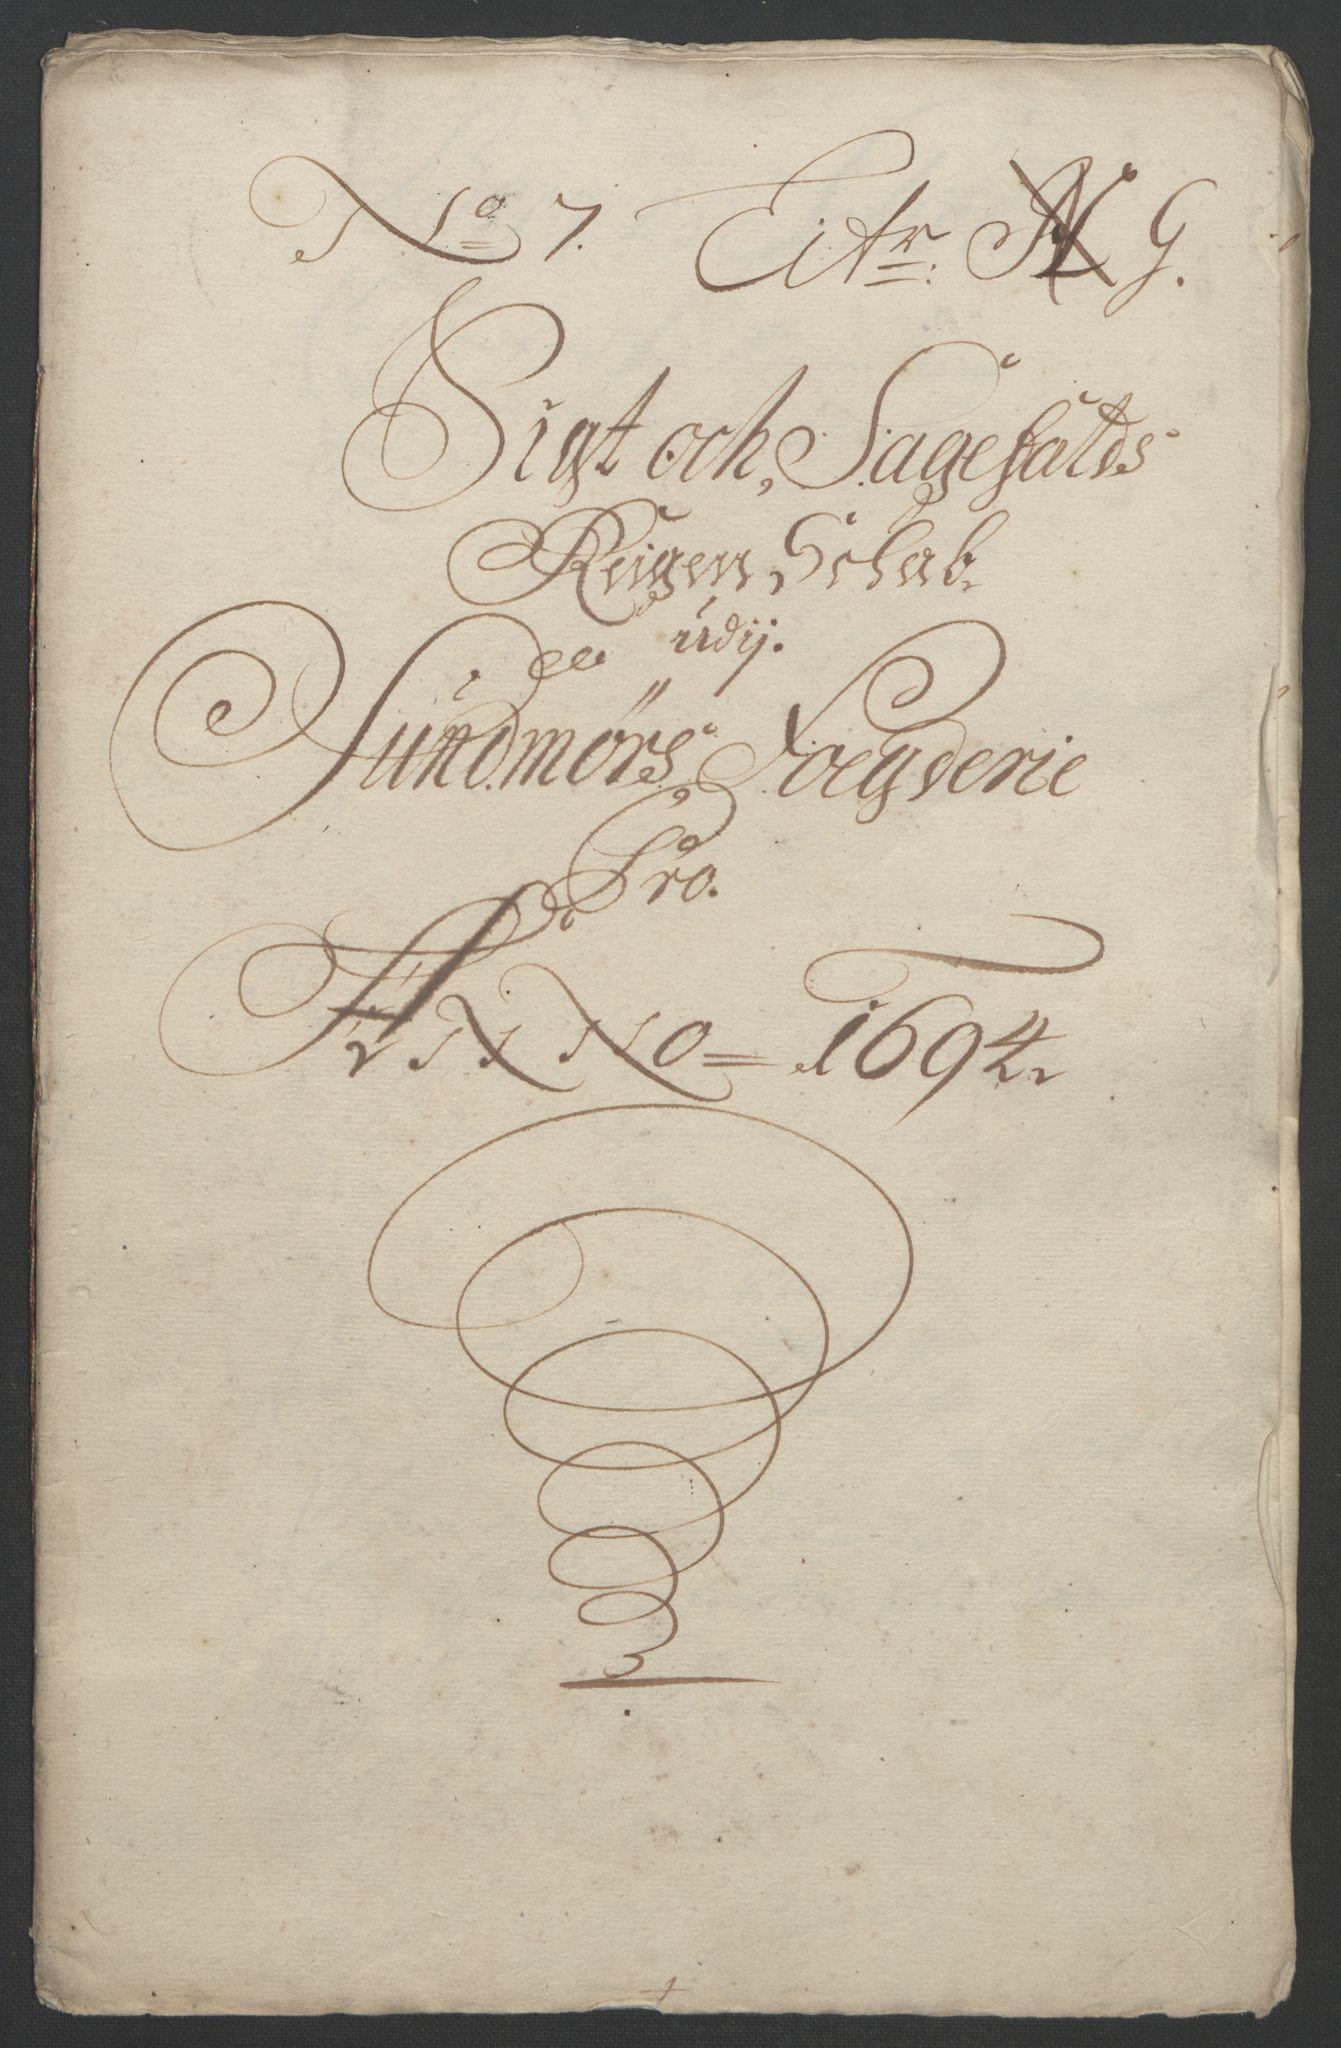 RA, Rentekammeret inntil 1814, Reviderte regnskaper, Fogderegnskap, R54/L3555: Fogderegnskap Sunnmøre, 1694-1695, s. 156